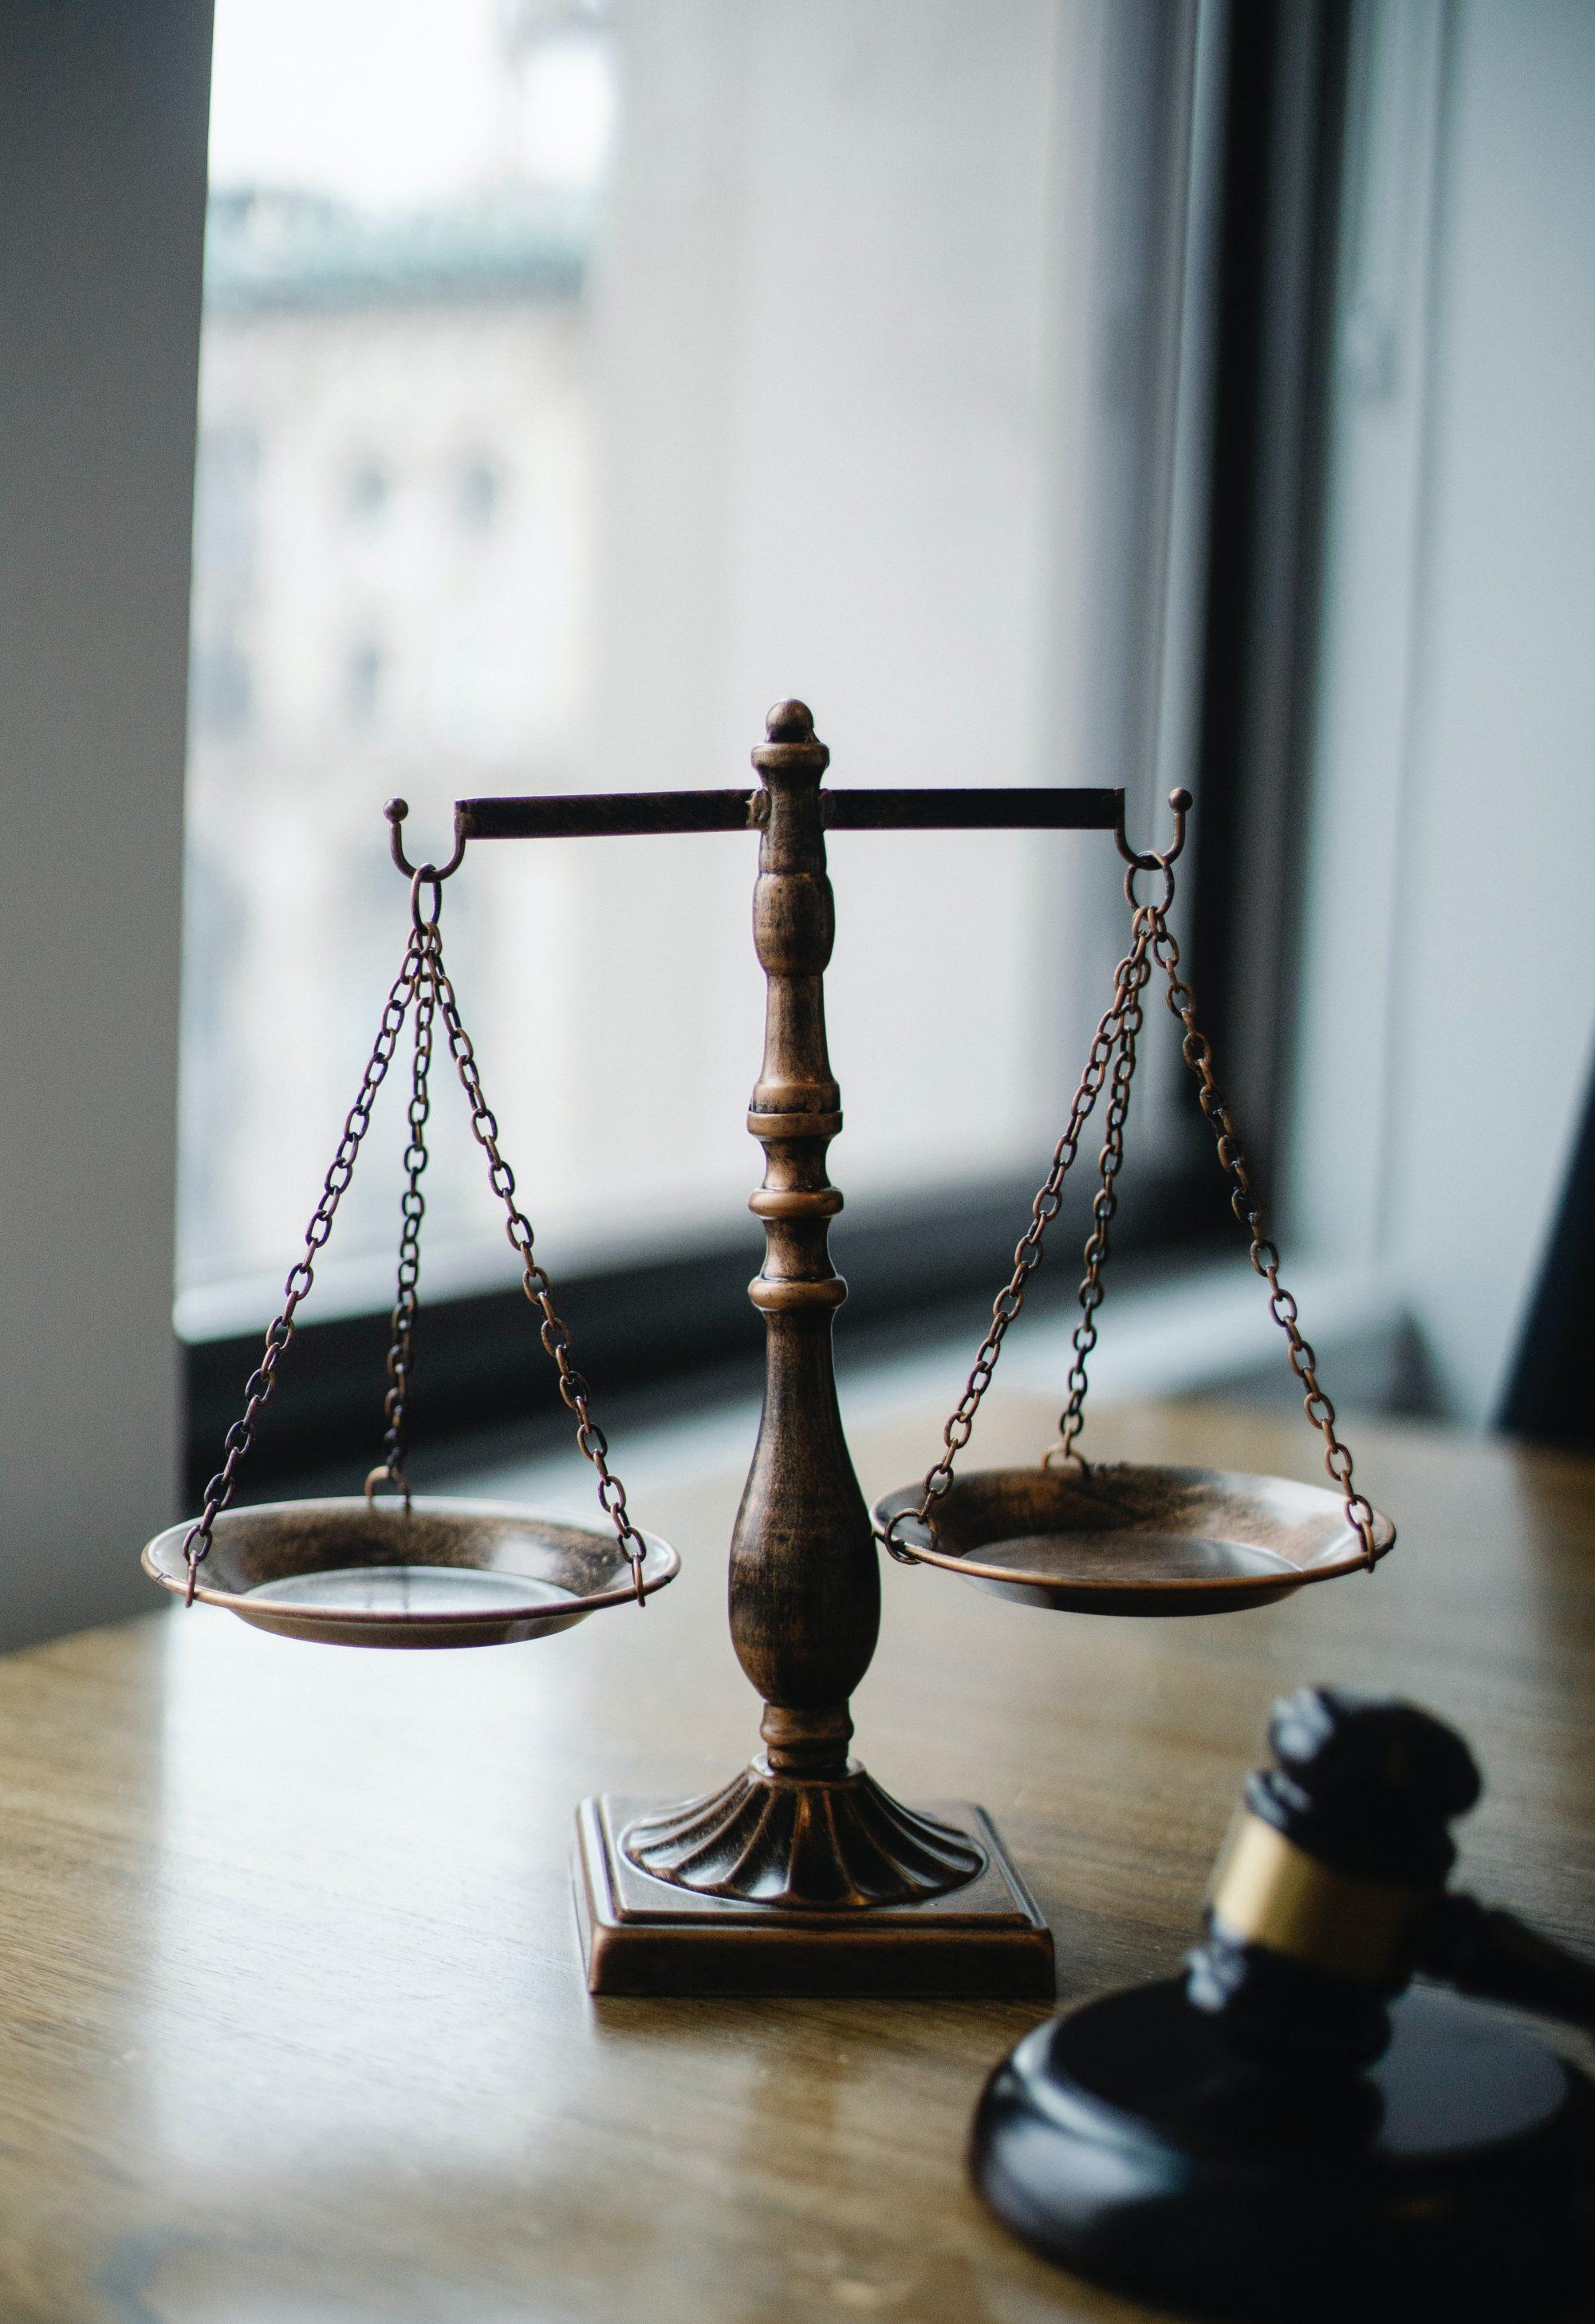 Le dessaisissement : le mineur pénalement responsable ?